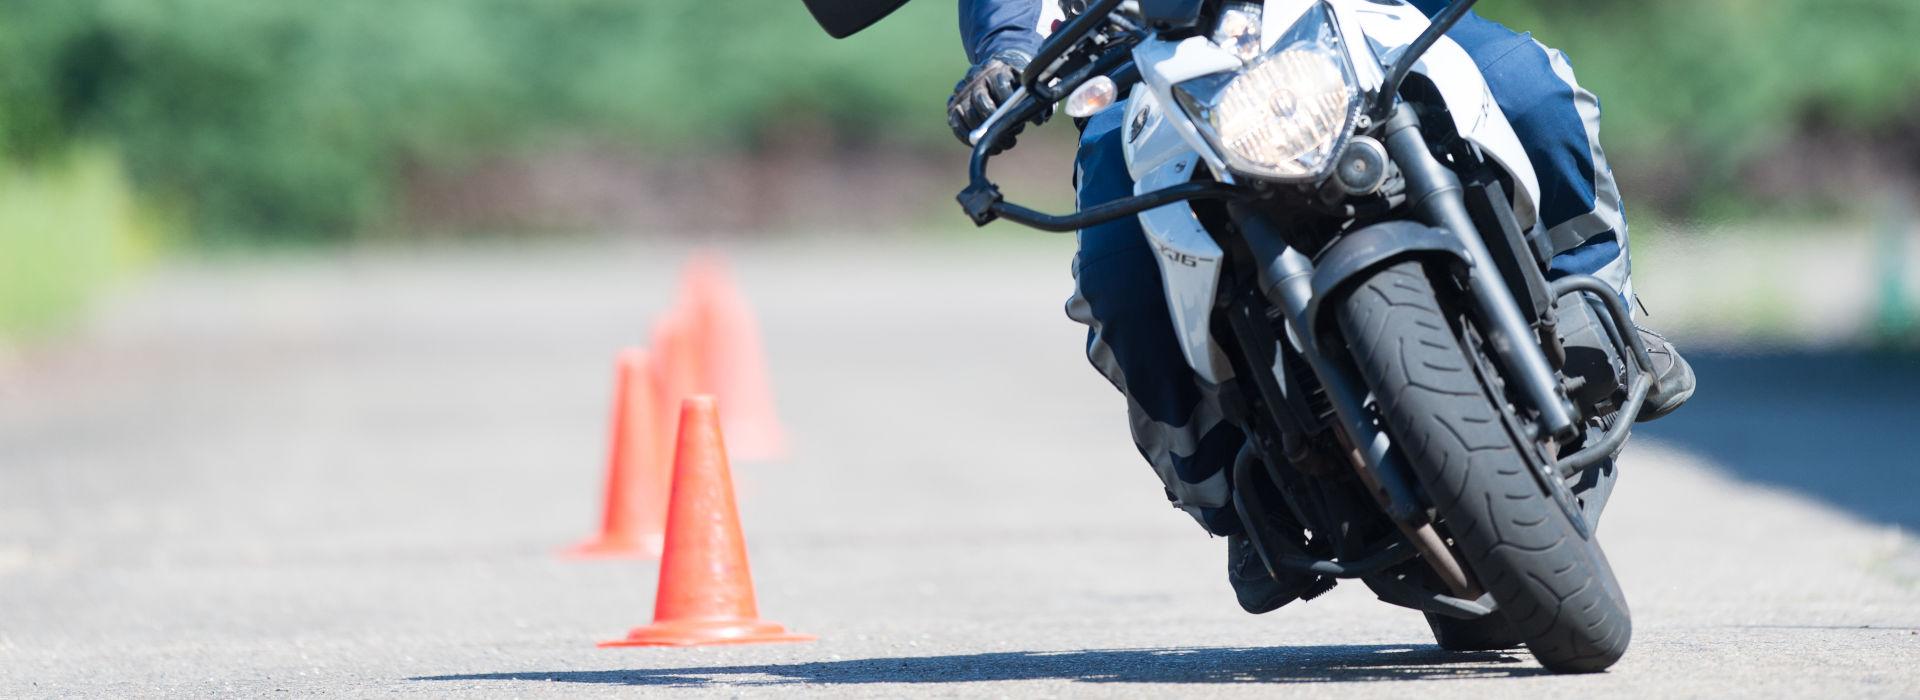 Motorrijbewijspoint Capelle aan den IJssel motor rijvaardigheid